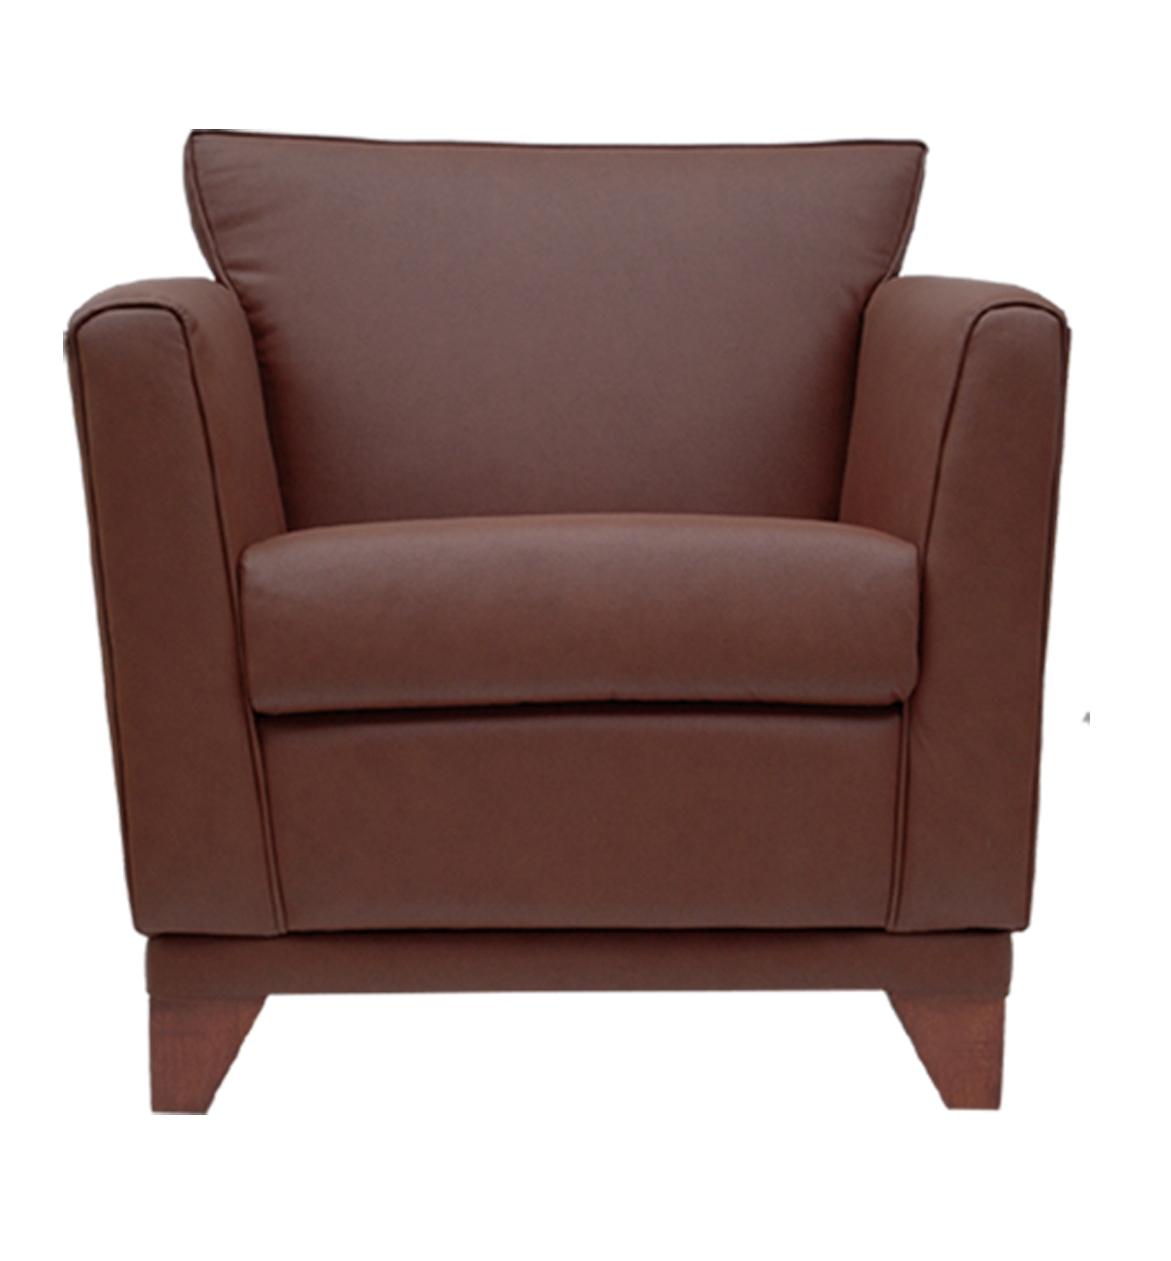 Sofa 471 Grupo Meta Soluciones De Limpieza Muebles Y Oficina  # Muebles Tapizados En Tela